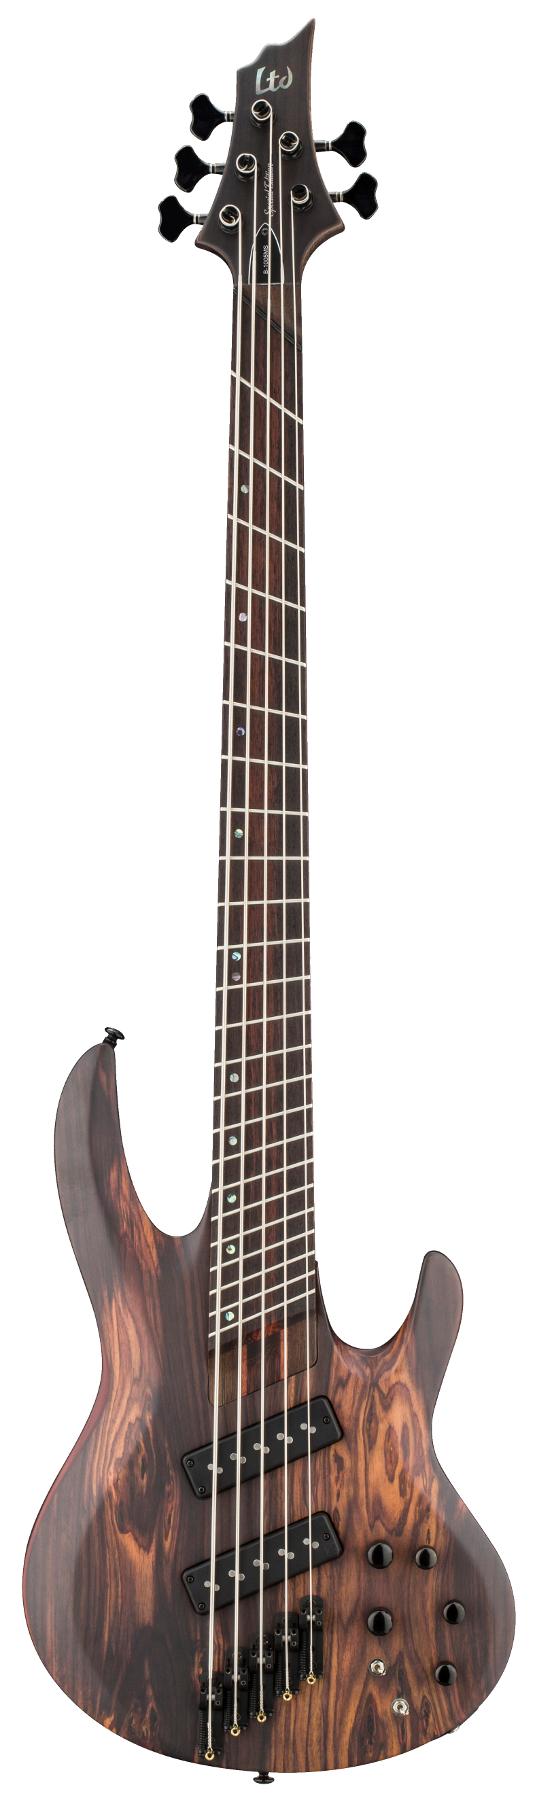 5-String Electric Bass Guitar, Natural Satin